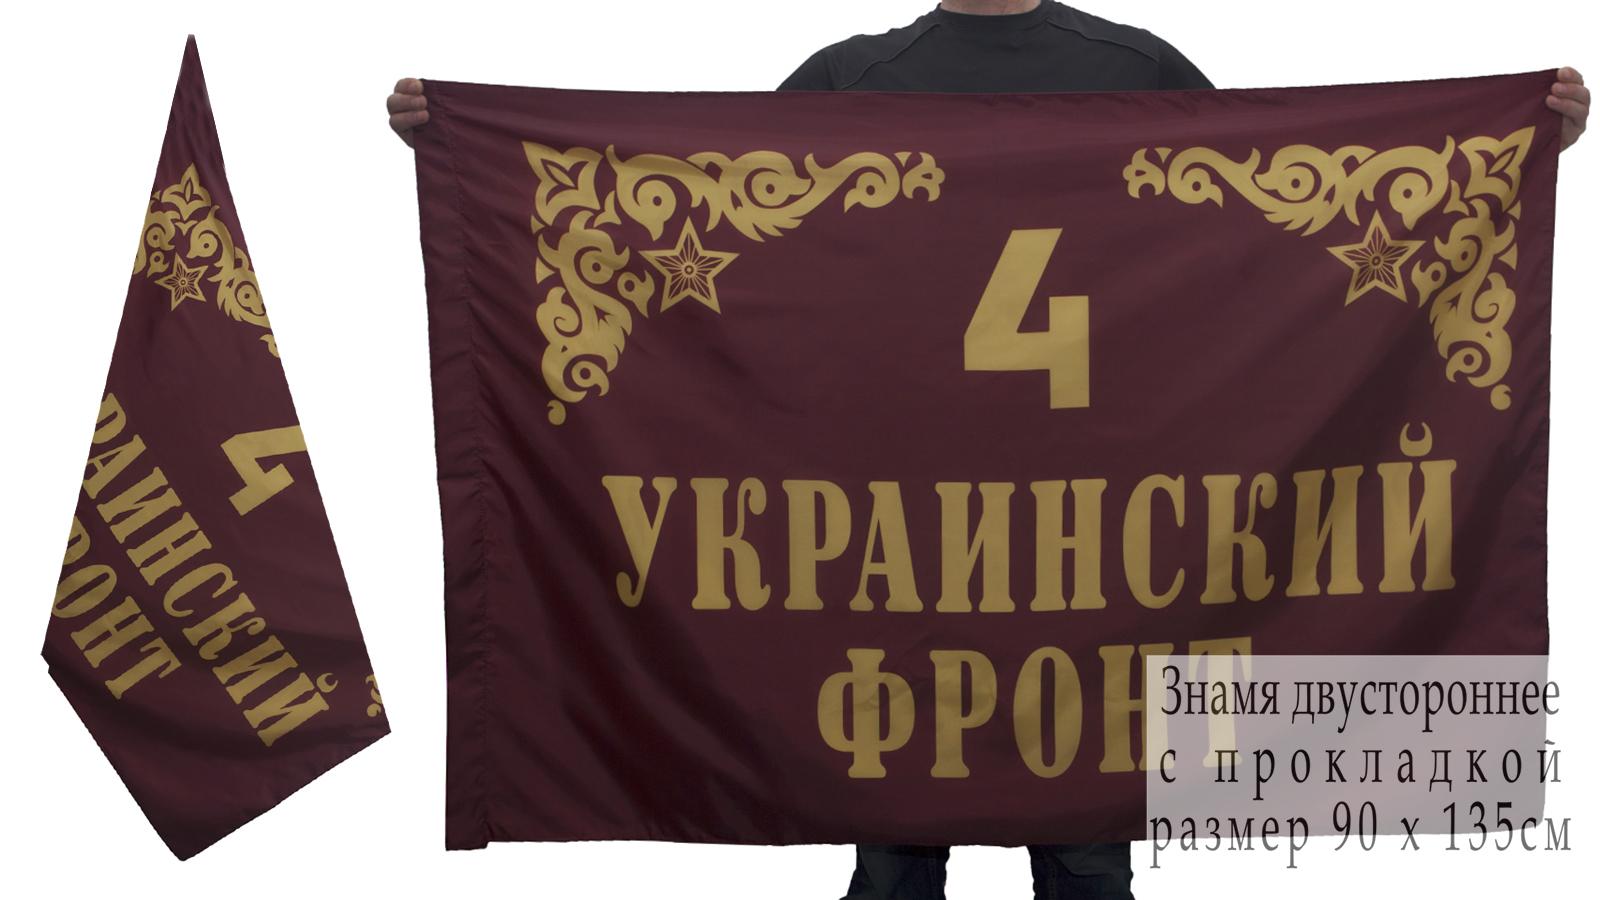 Двухстороннее знамя 4-го Украинского фронта